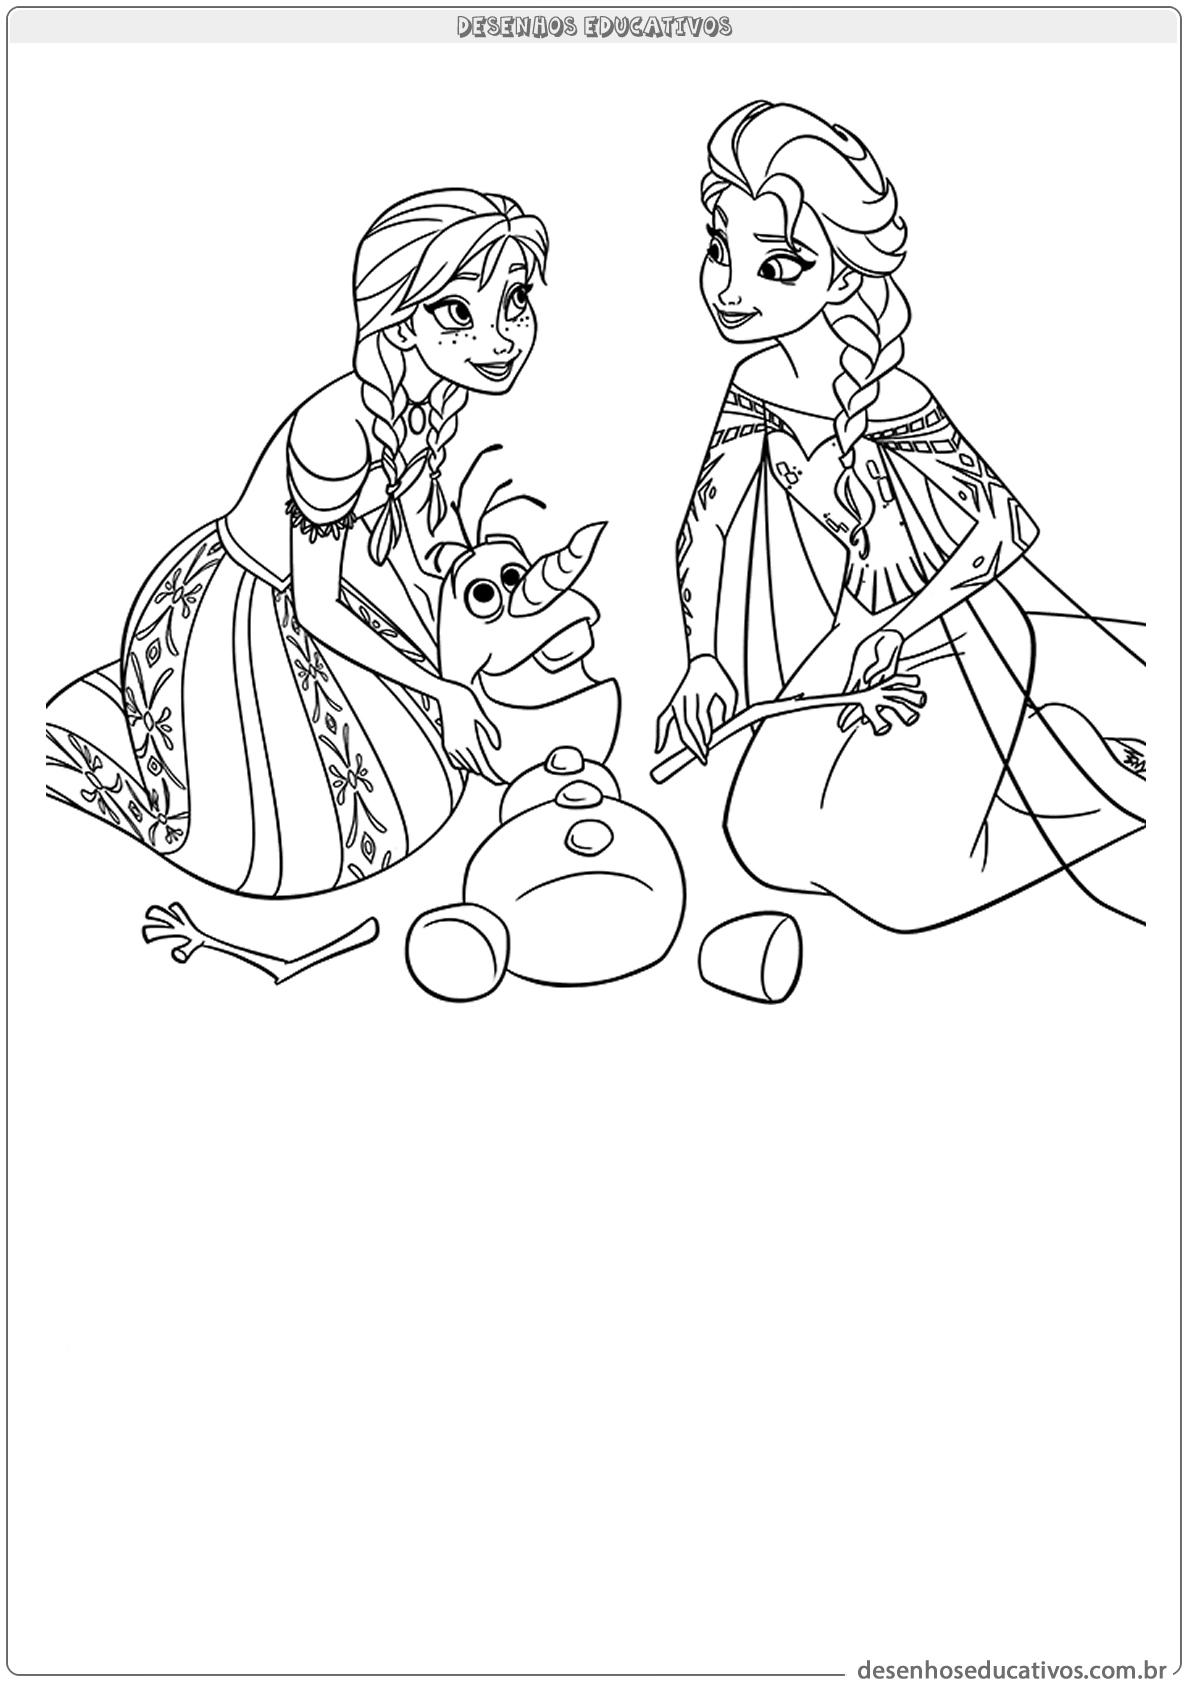 Desenhos educativos montando o Olaf